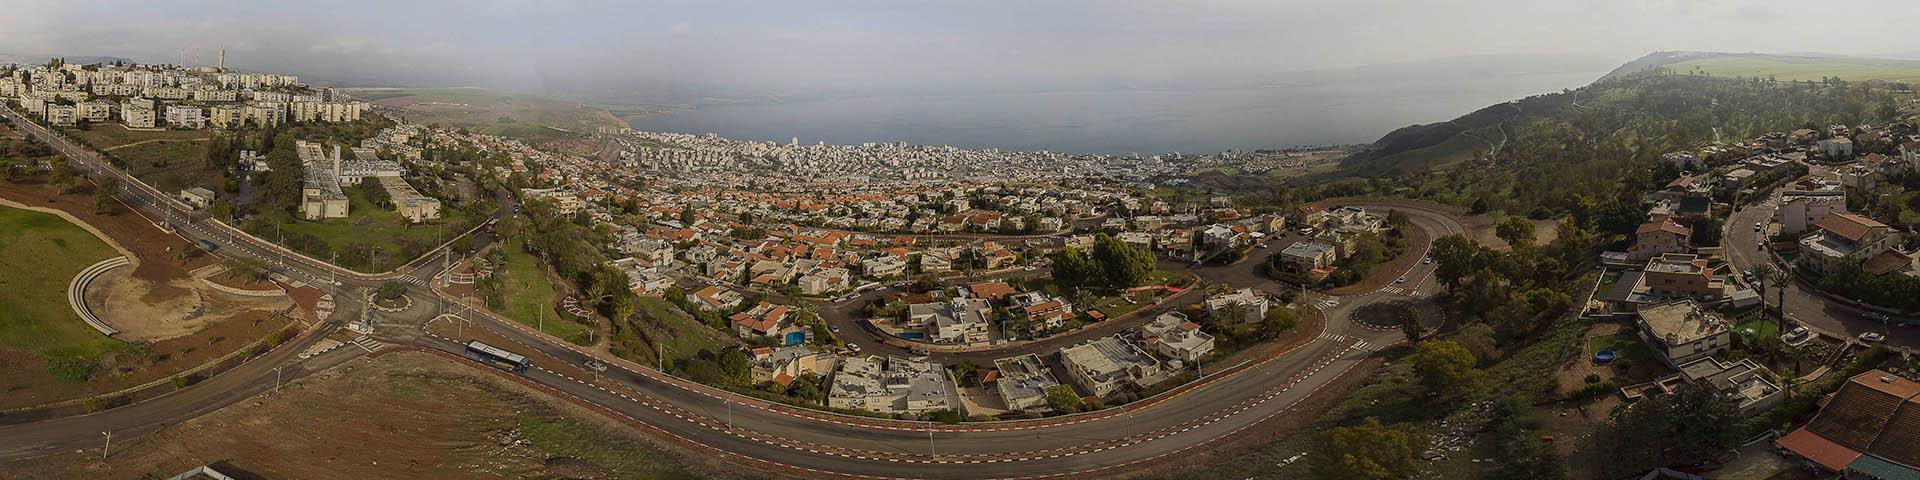 צילום אווירי 360 מרחפן